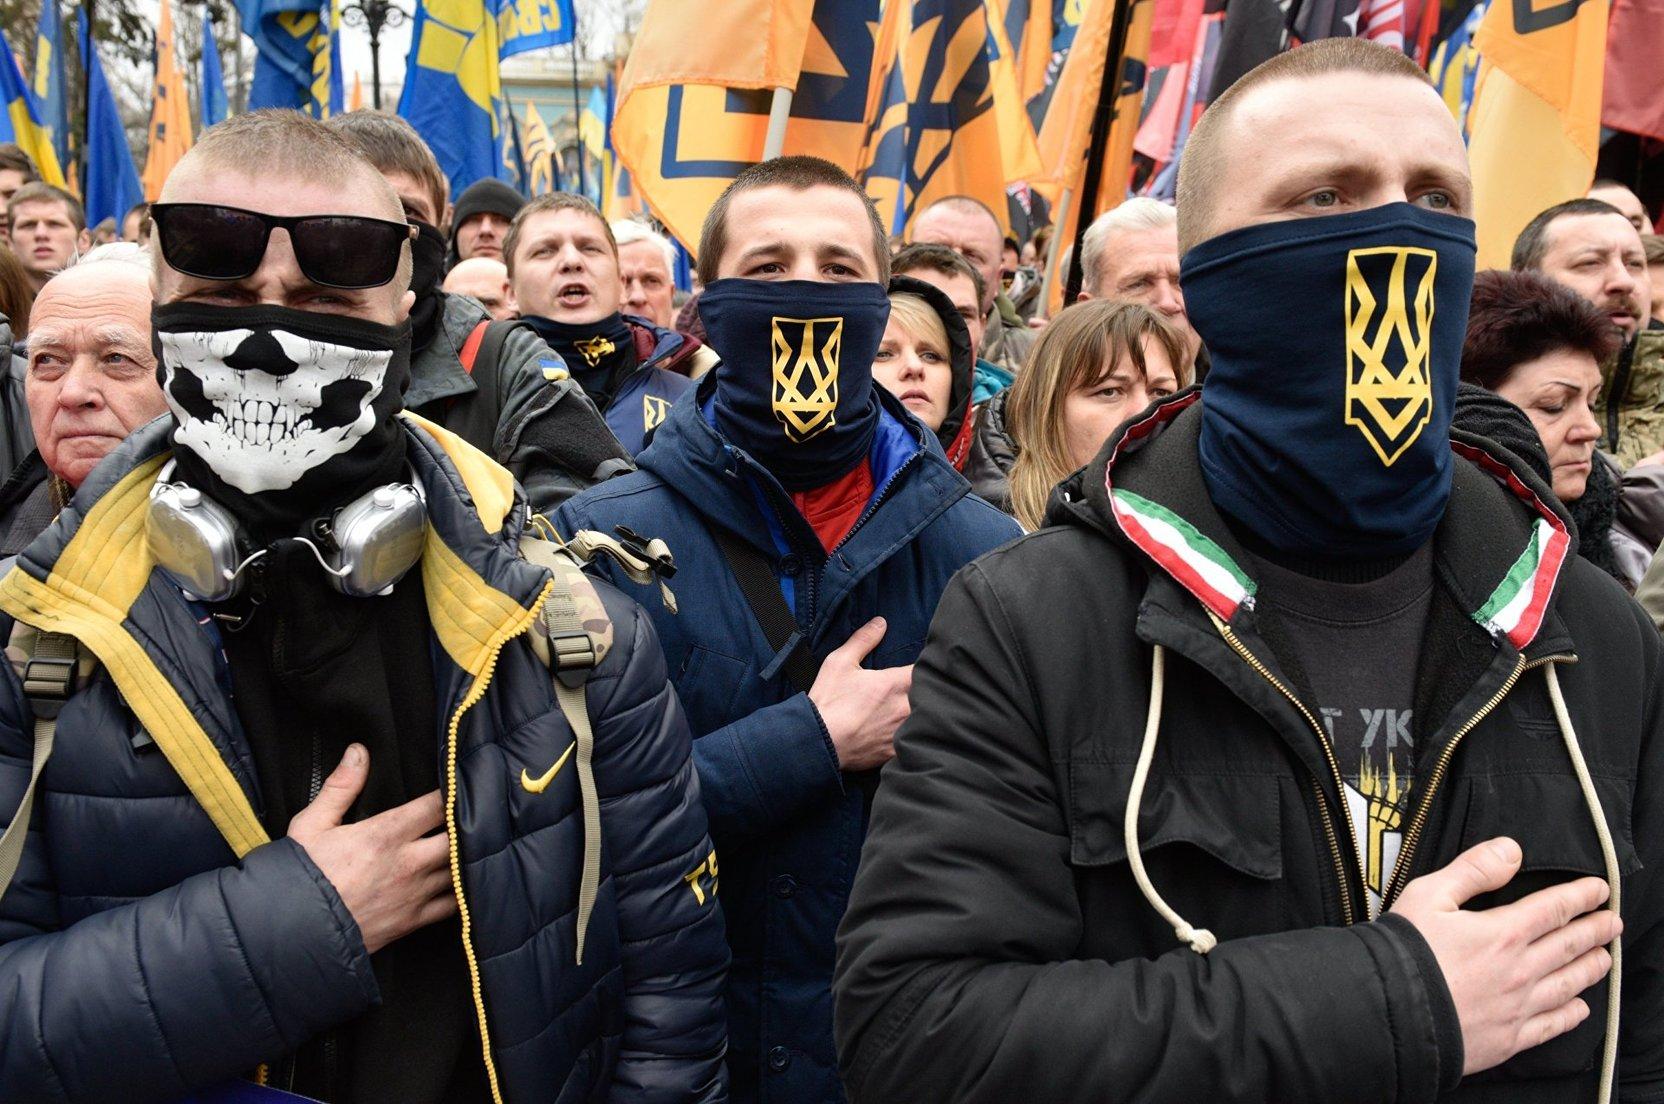 Националисты прошли маршем в годовщину трагедии в Одессе